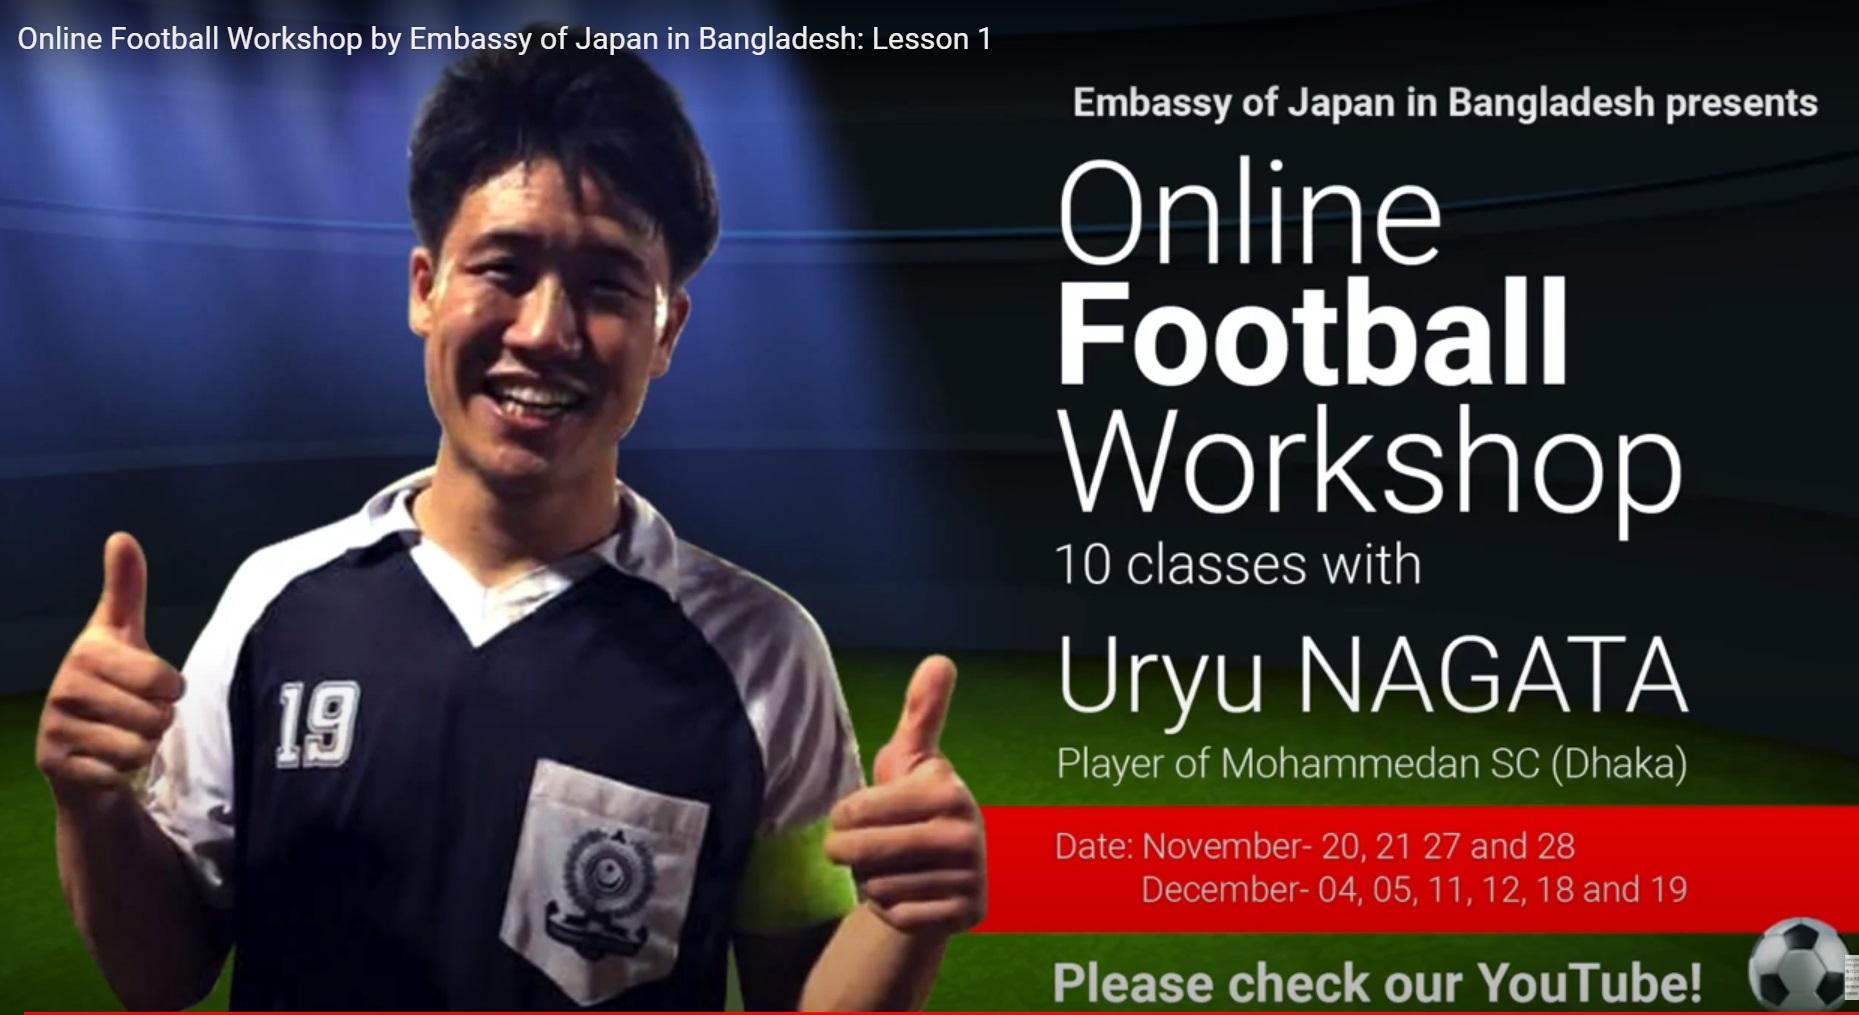 バングラデシュで活躍する日本人プロサッカー選手によるオンラインサッカーワークショップがスタート!!